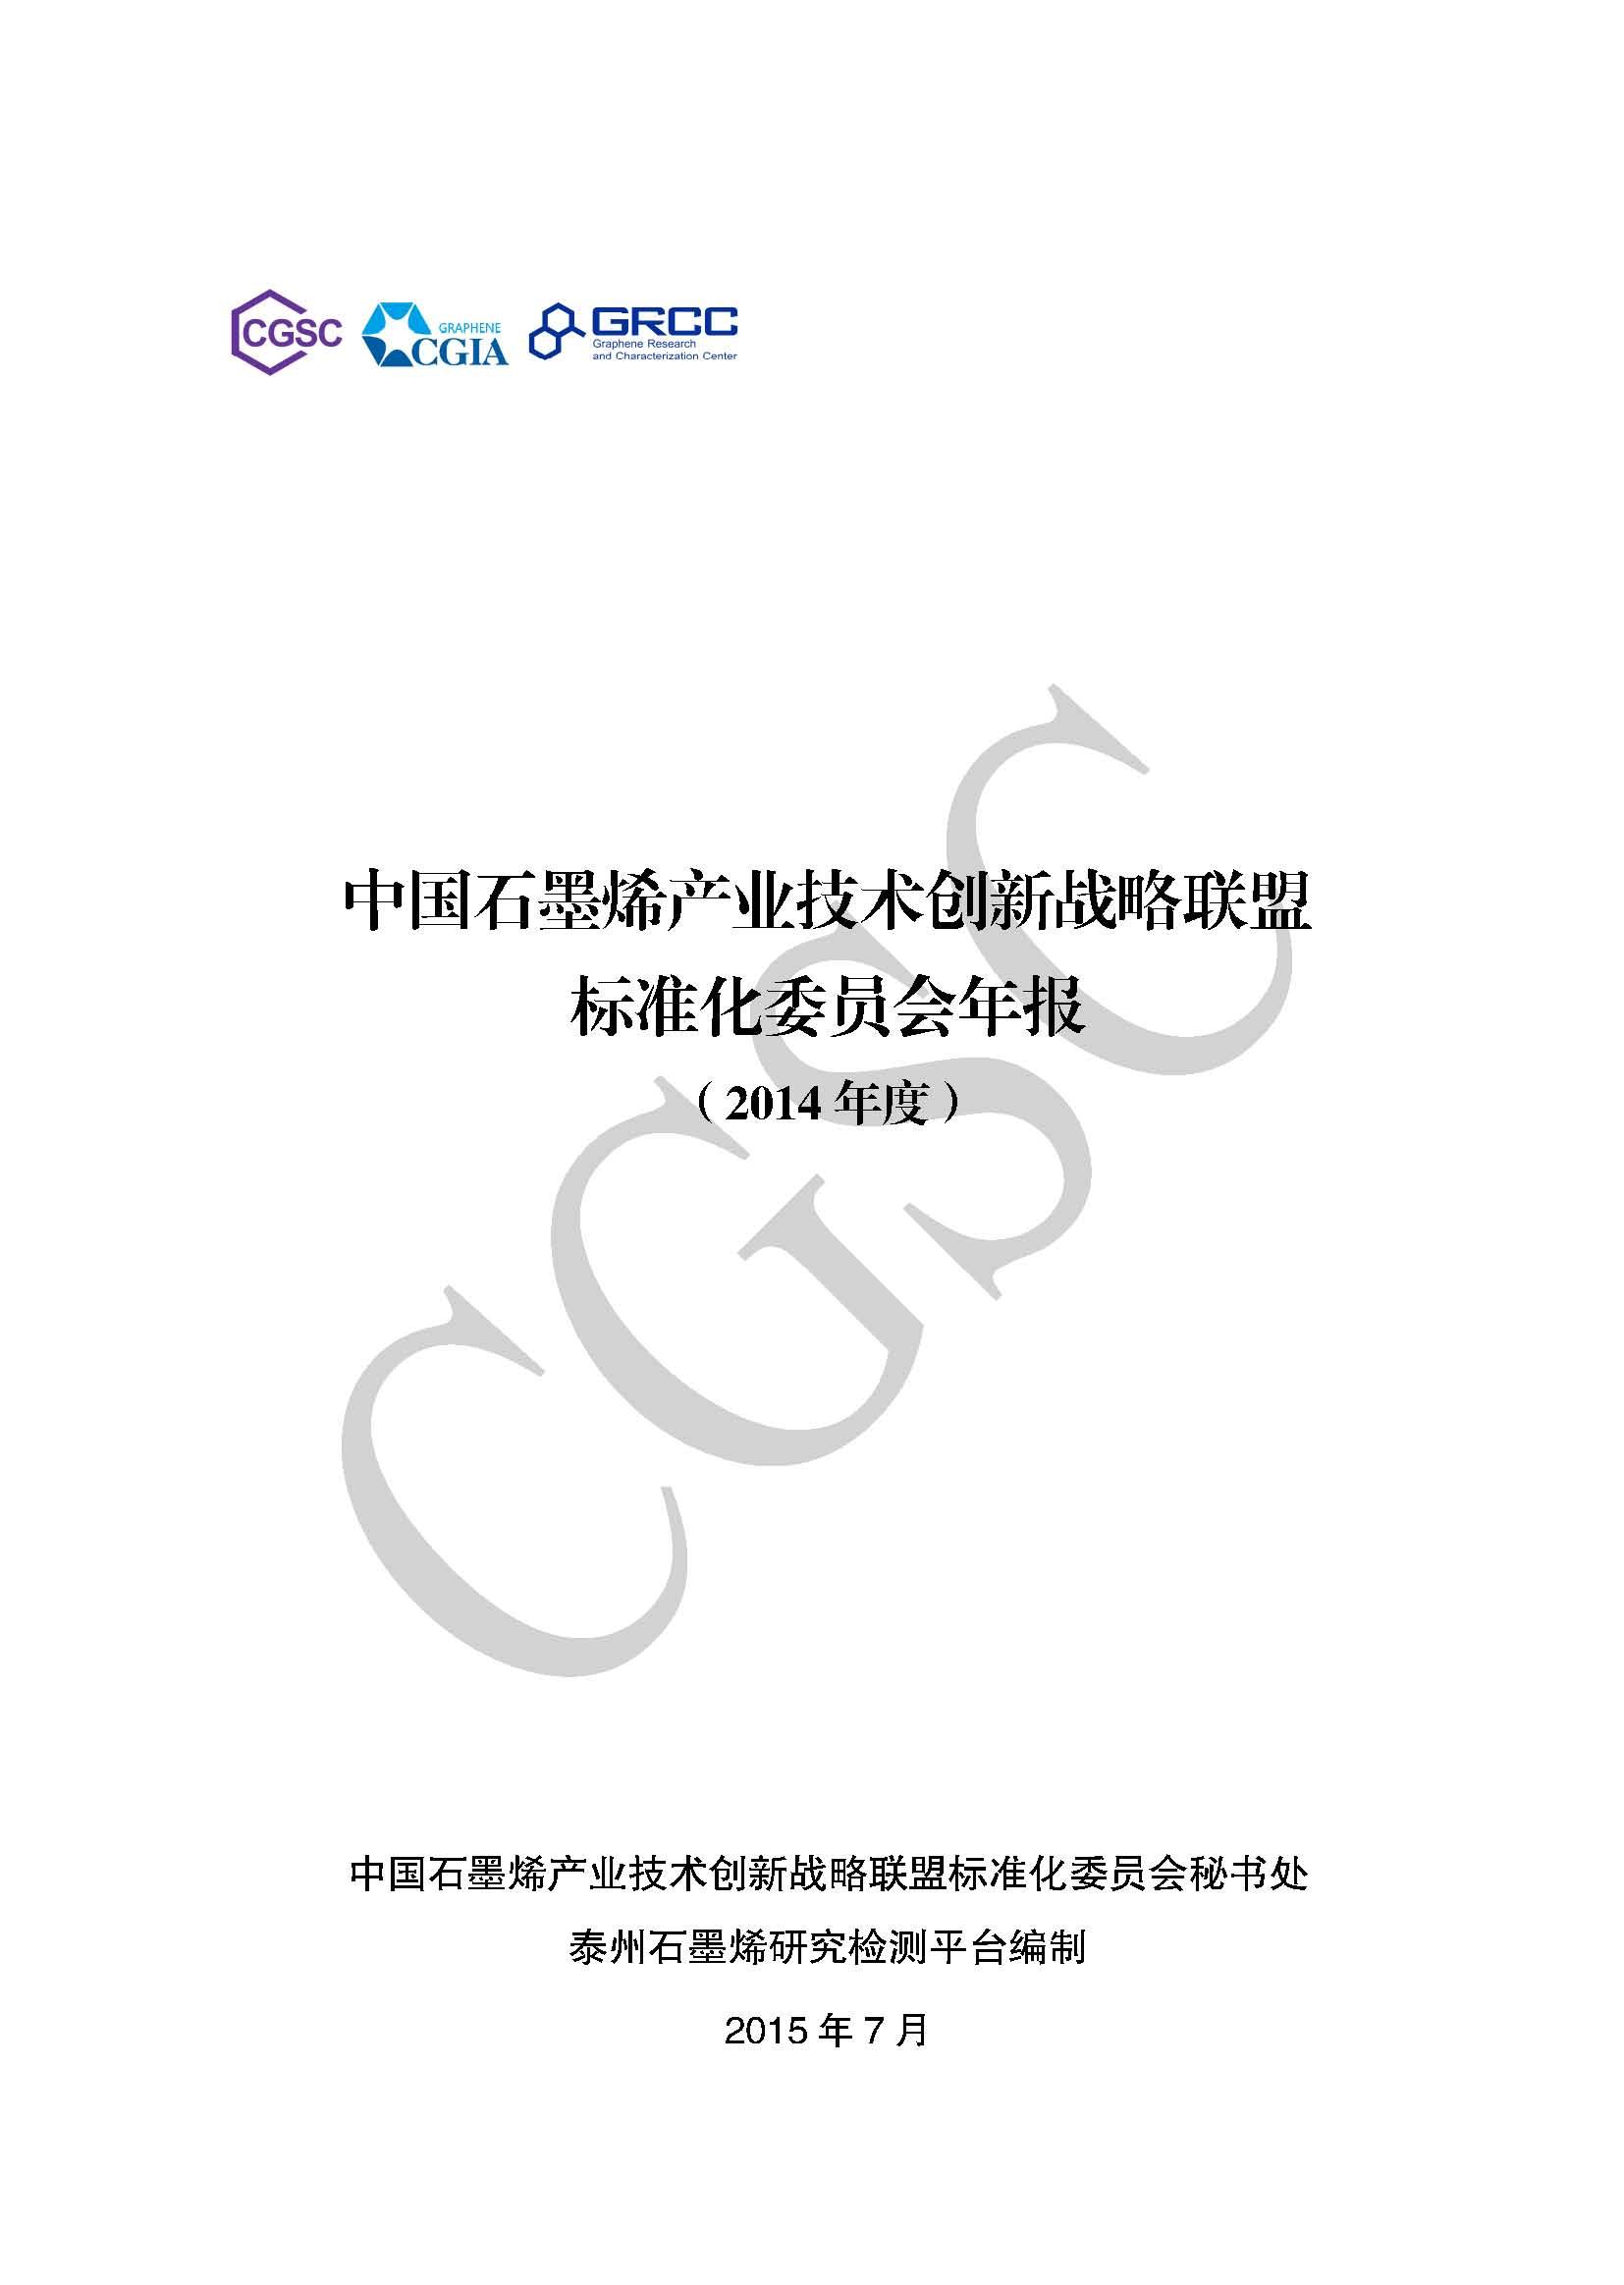 泰州石墨烯研究检测平台发布石墨标委会年报